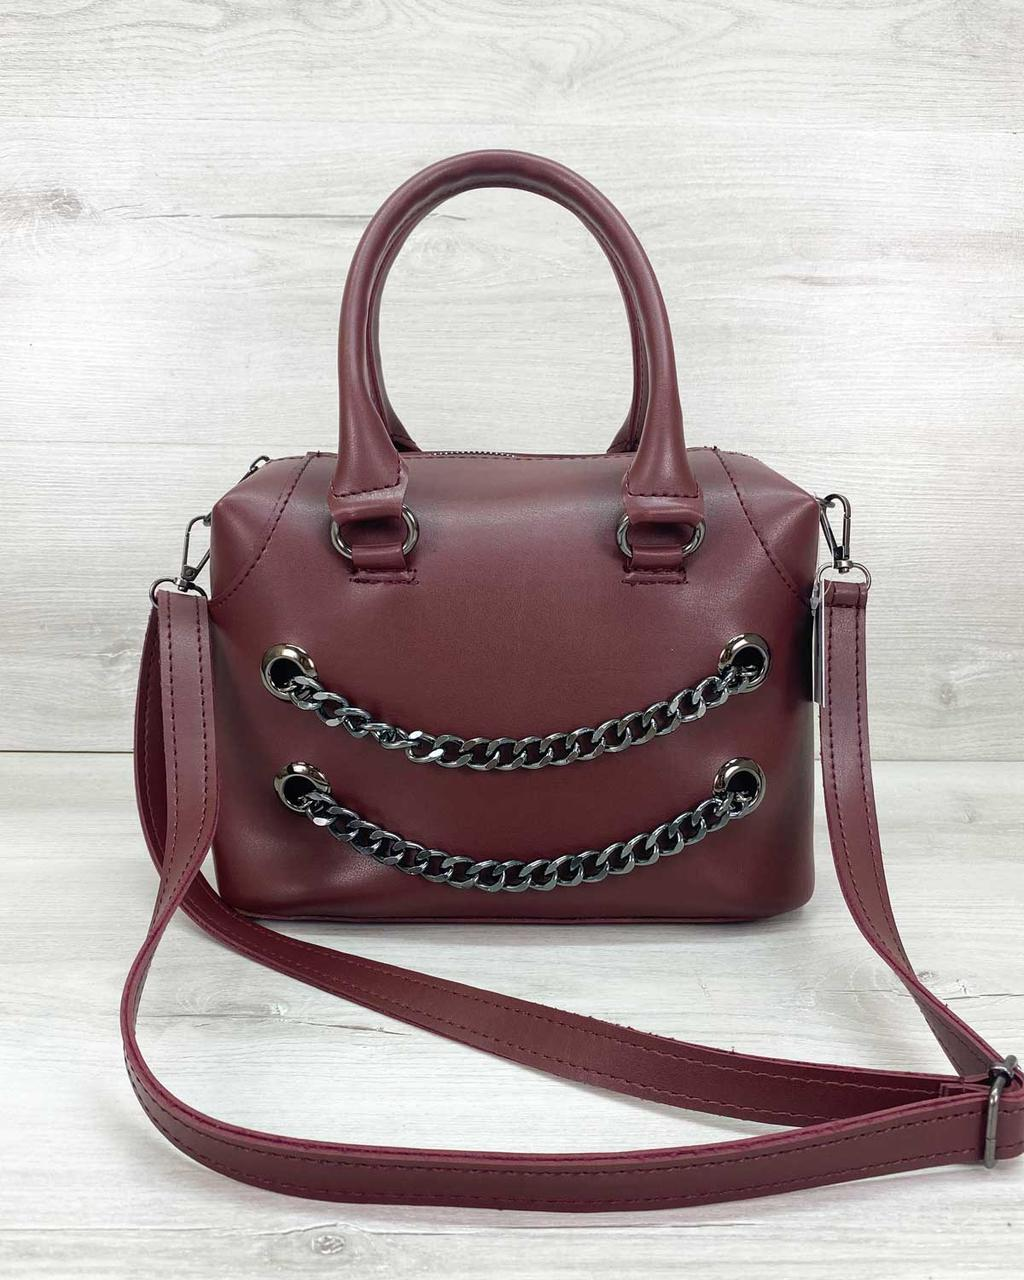 Стильная бордовая сумка молодежная женская с ремешком через плечо